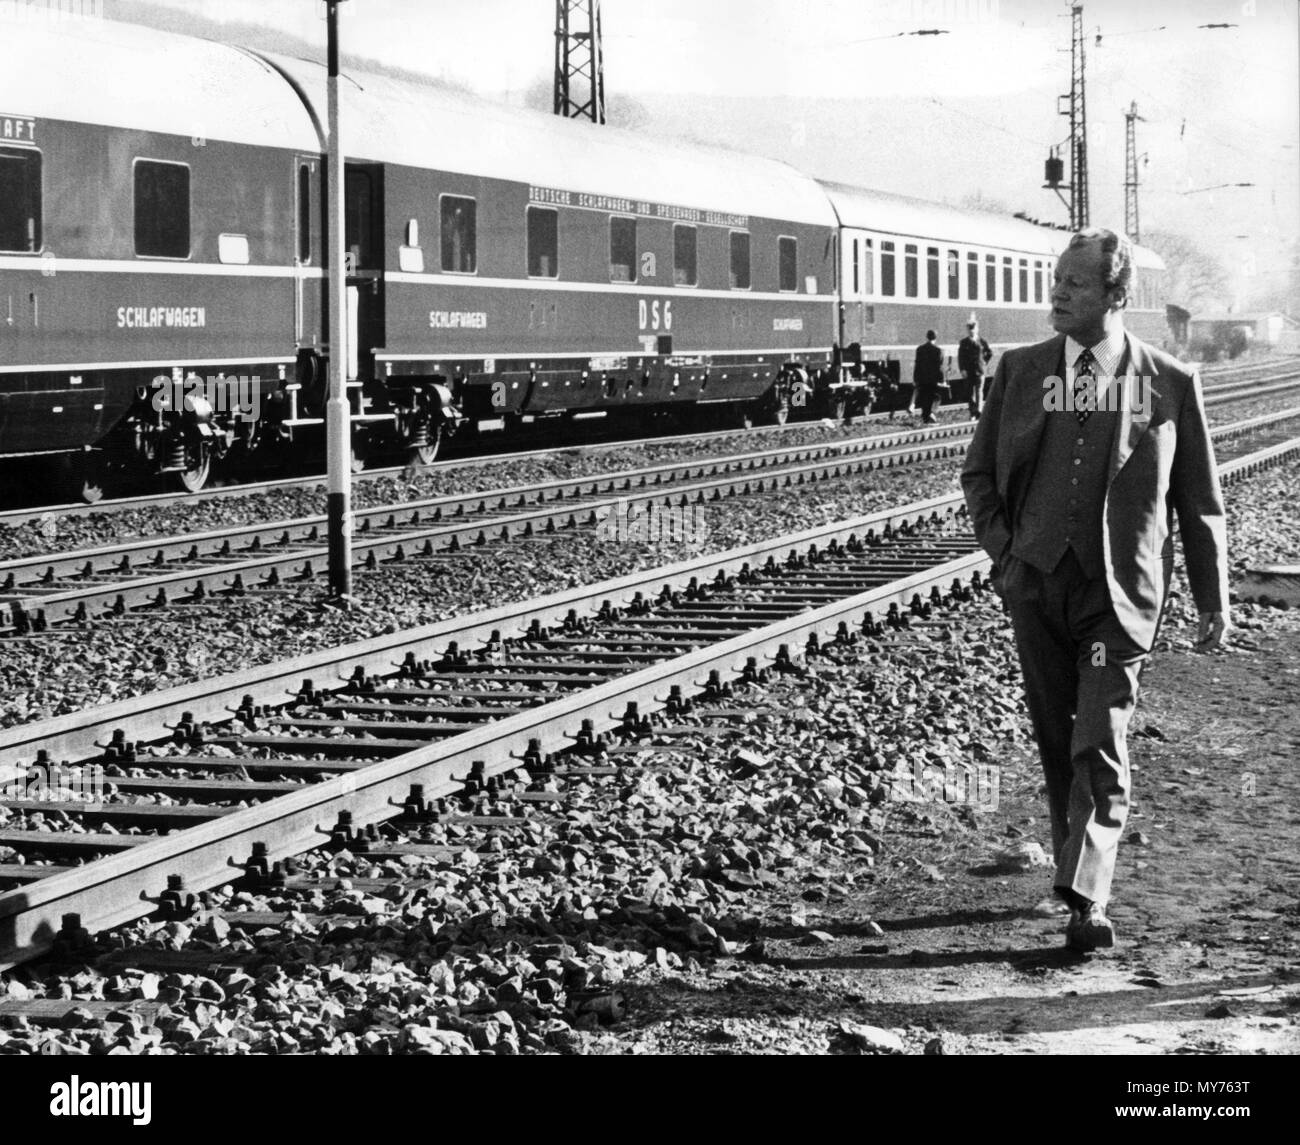 Bildergebnis für willy brandt in his train images